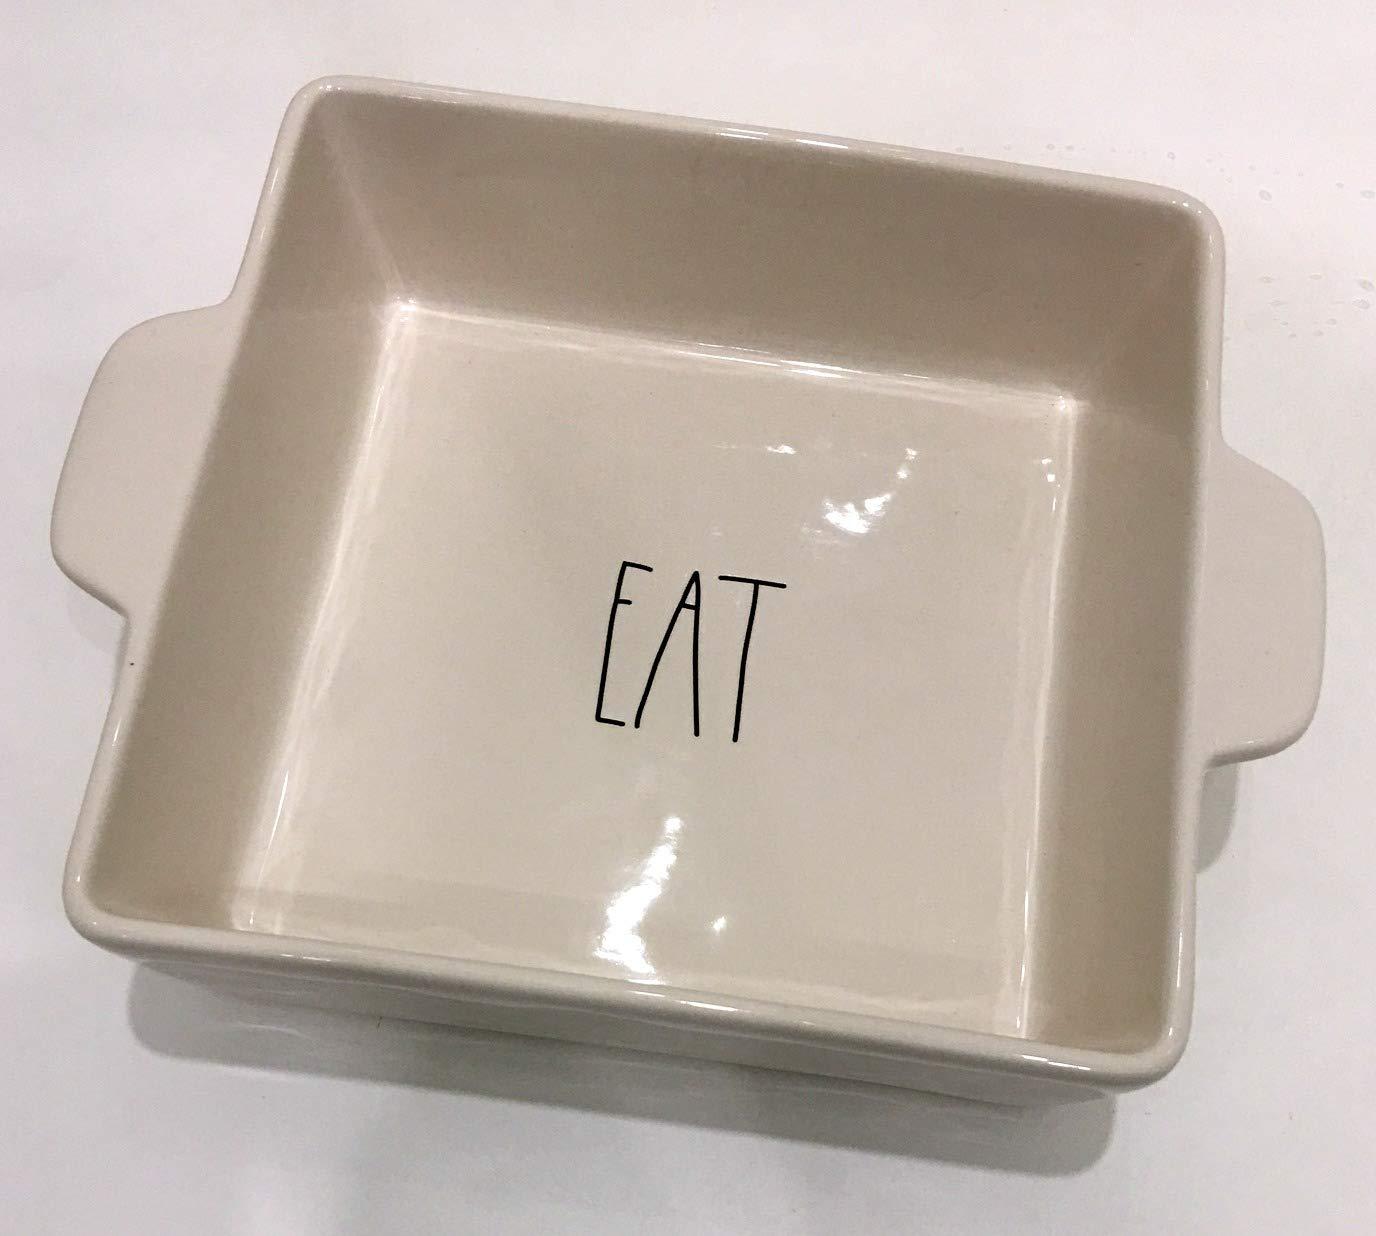 Rae Dunn Magenta Ceramic Square Baking Dish Casserole Cake Pan Eat